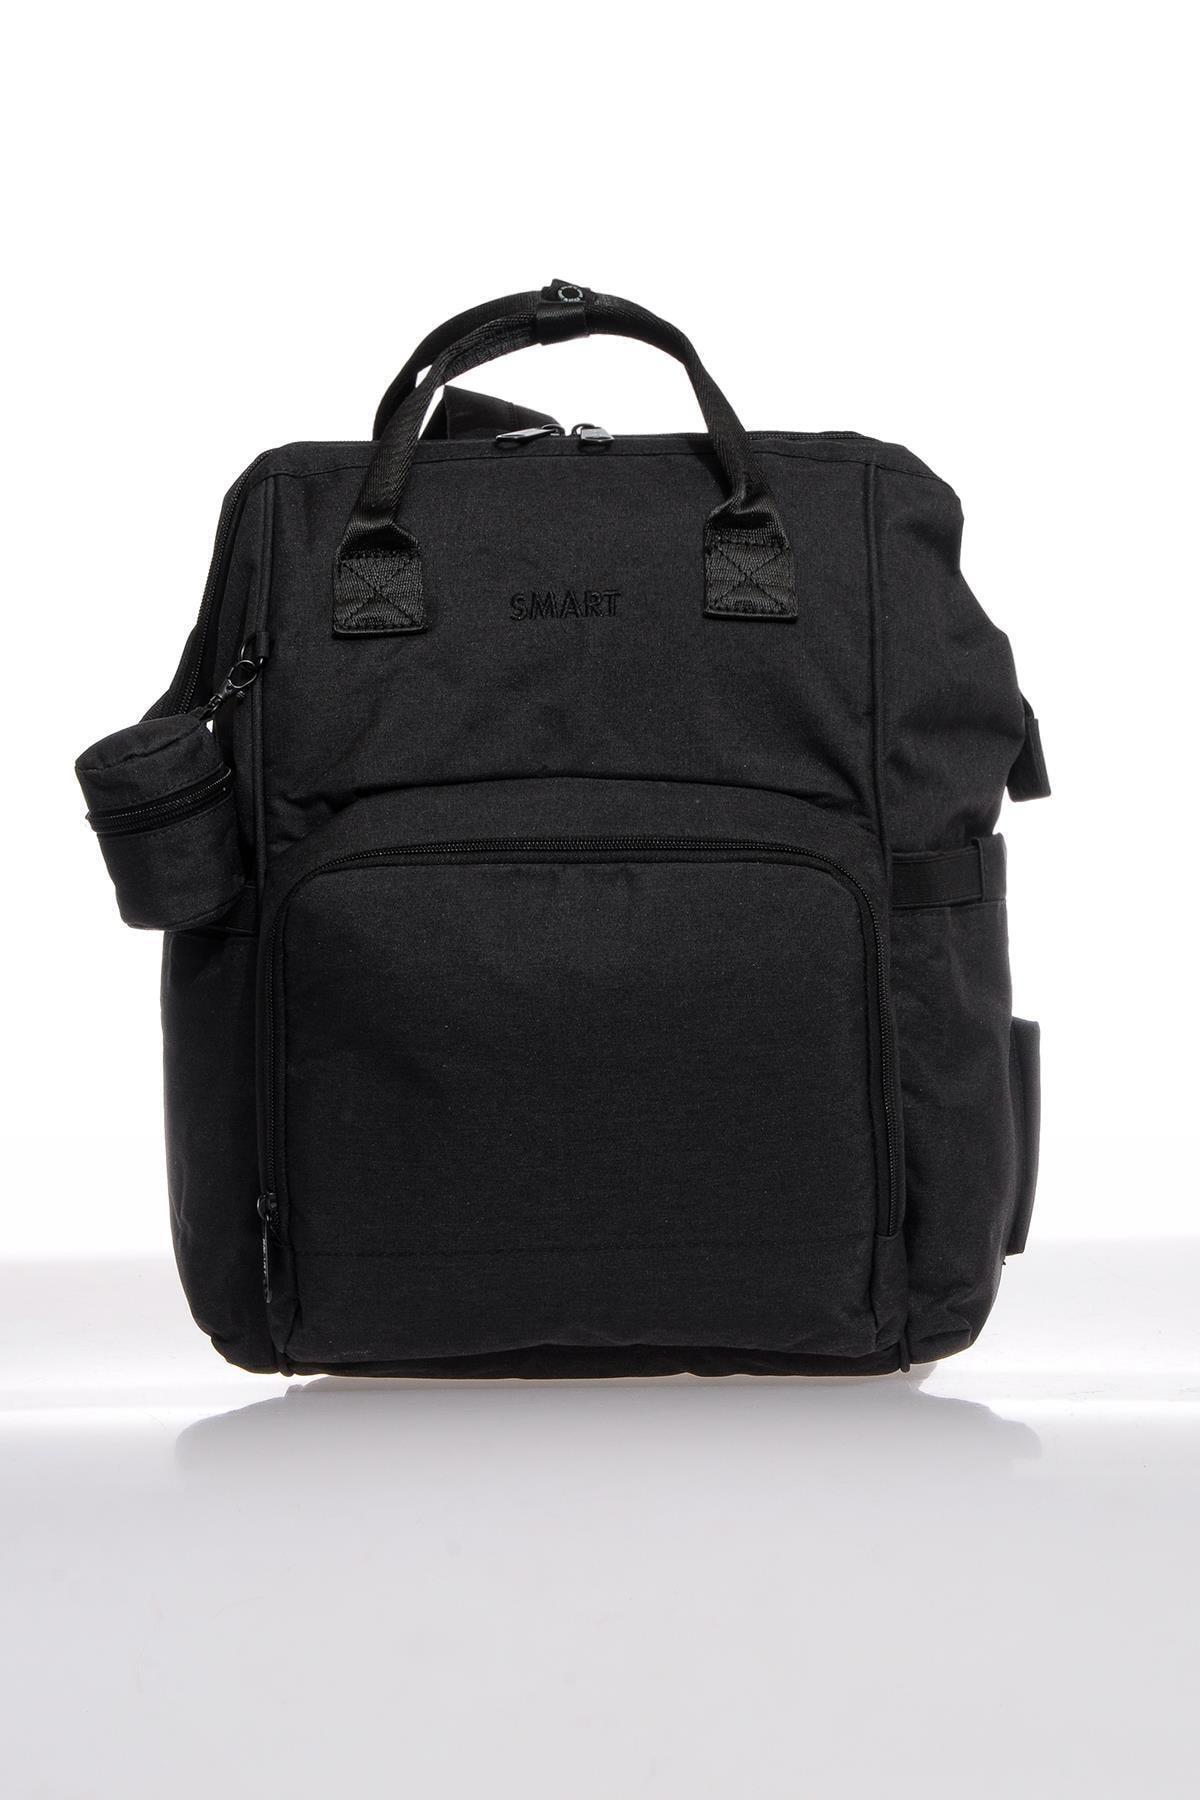 SMART BAGS Smb2007-0001 Siyah Kadın Bebek Bakım Sırt Çantası 1